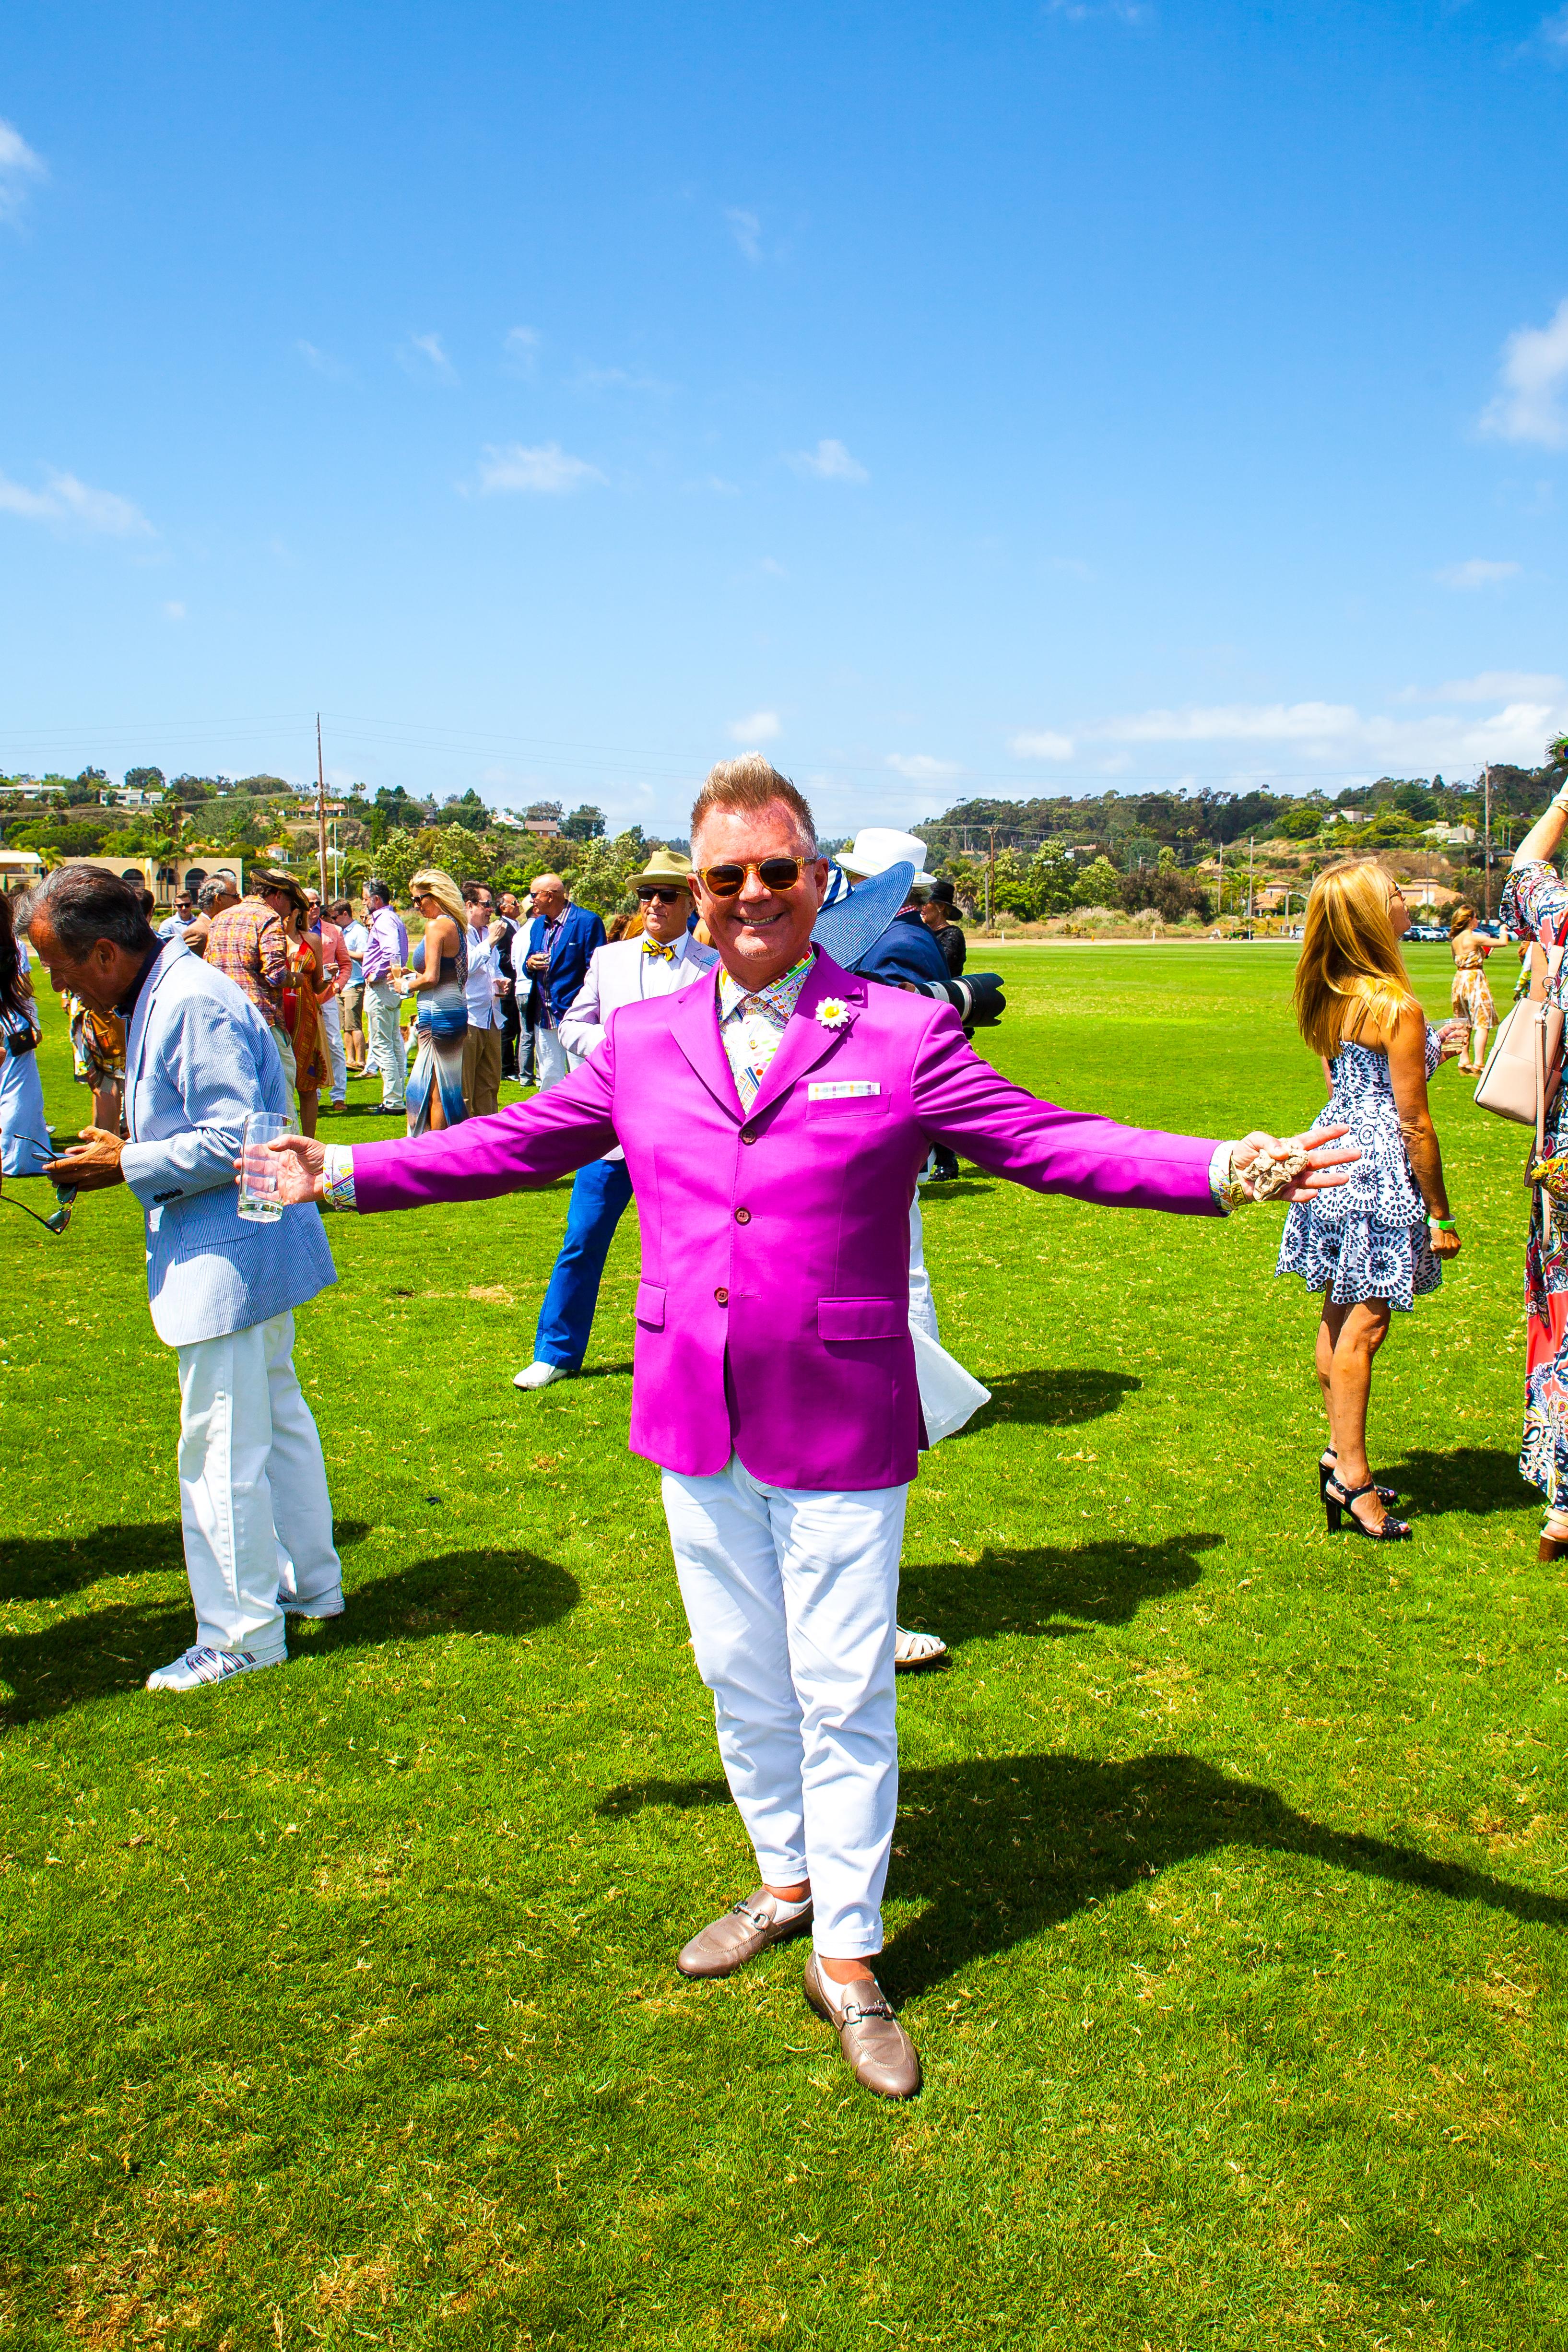 men in pink suit